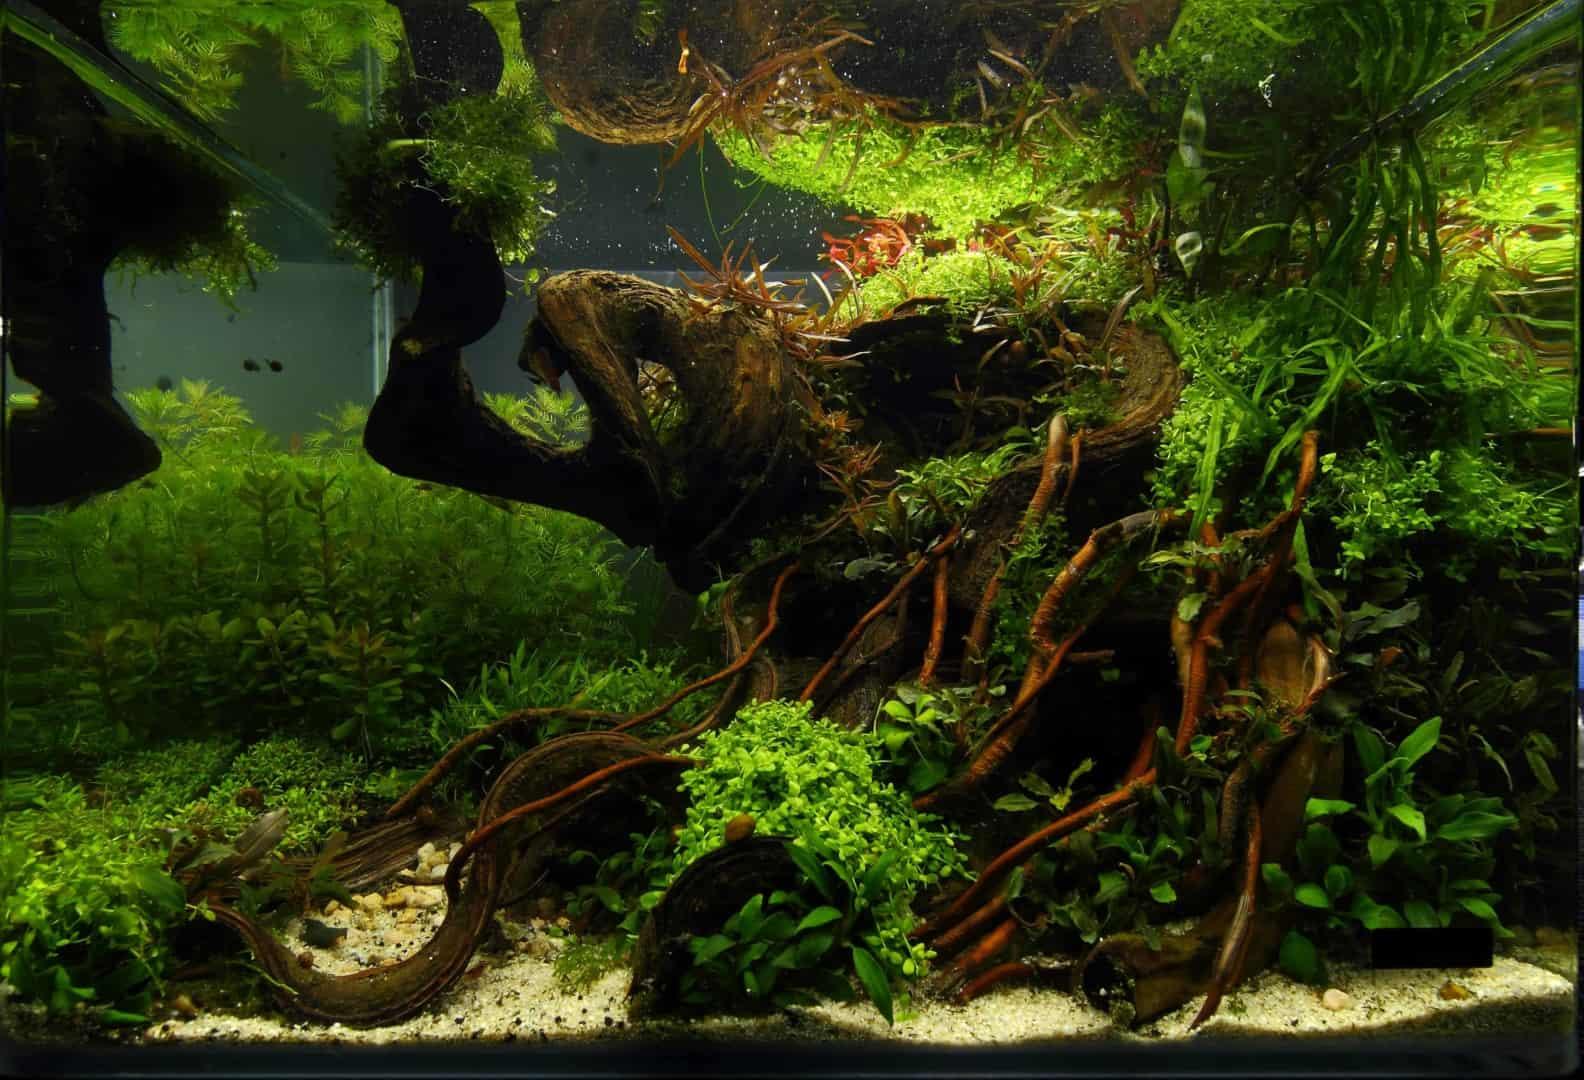 191 - The Art of the Planted Aquarium - Neuheiten und Möglichkeiten zum Mitmachen im April 2019 (Stefanie Hesse) 31